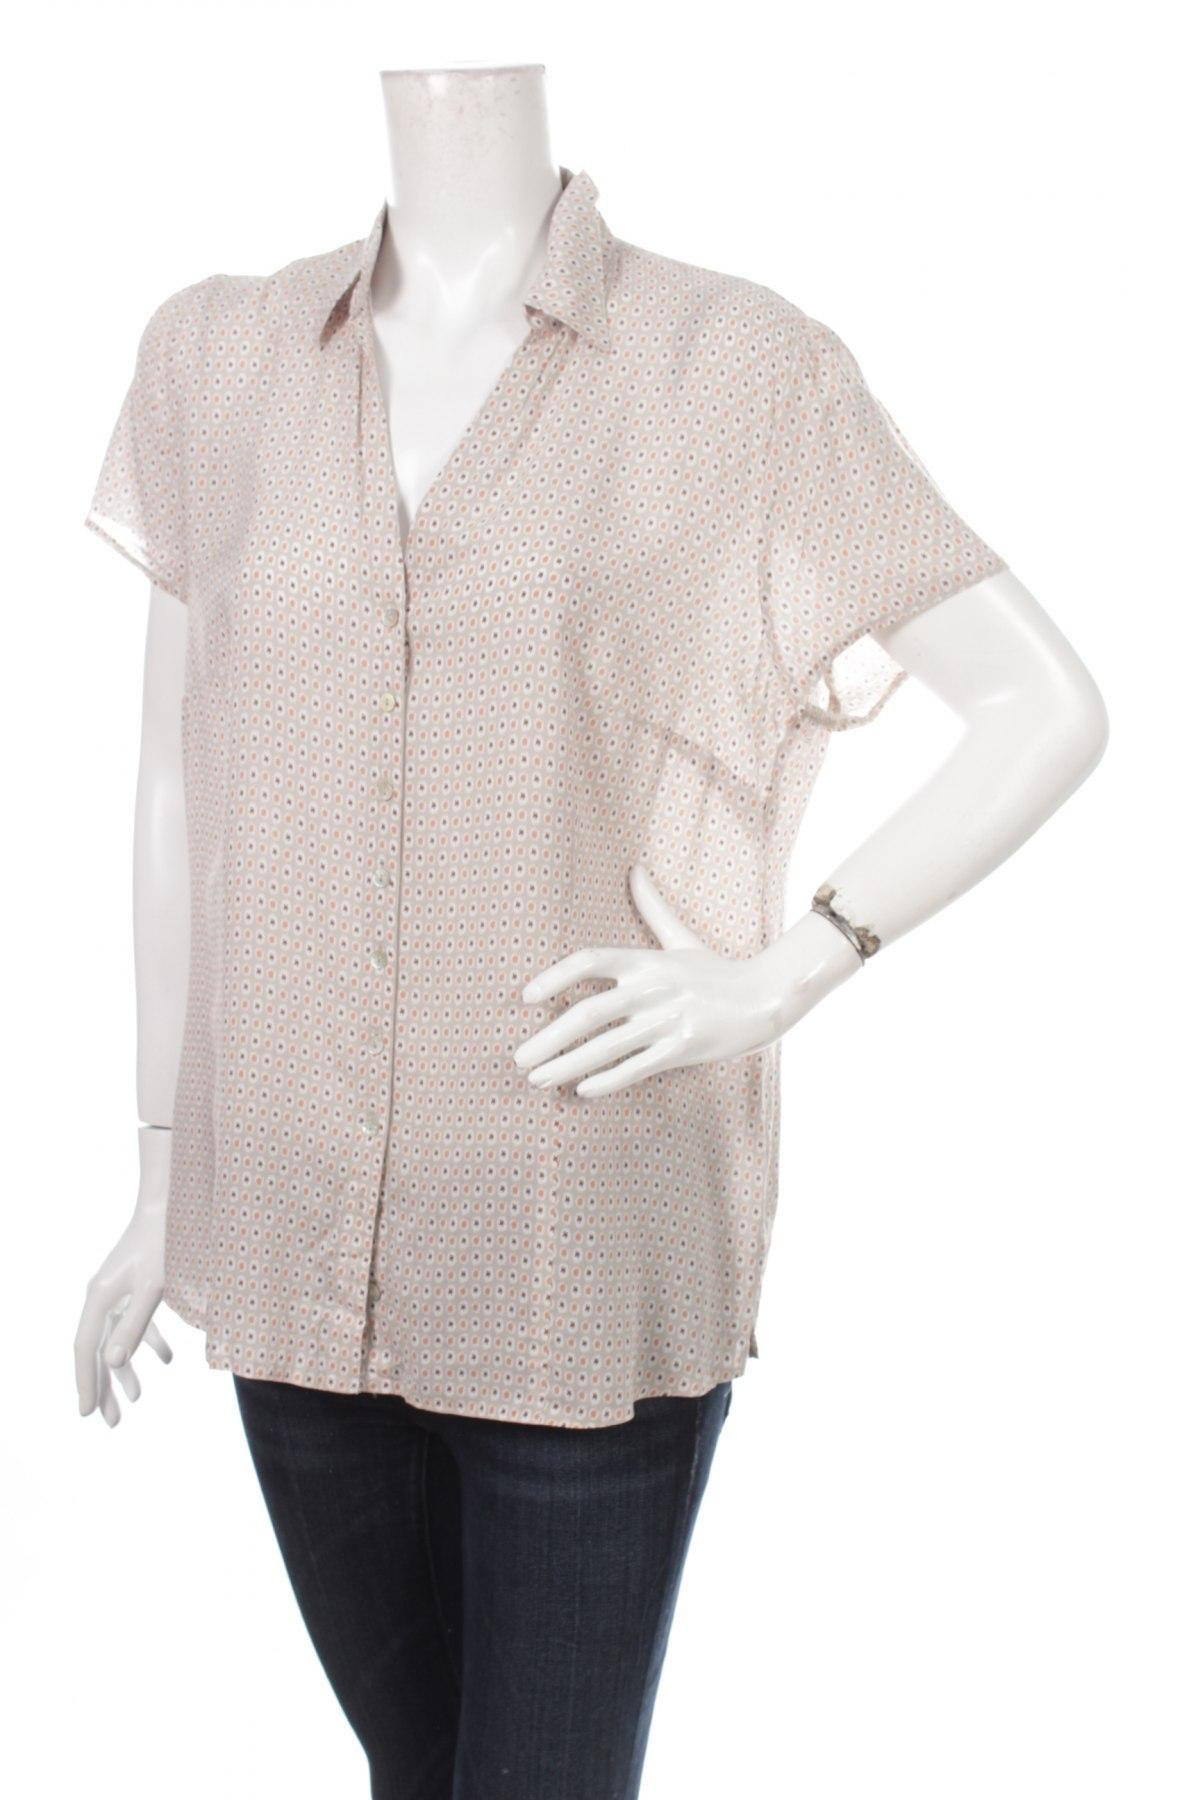 Γυναικείο πουκάμισο Taifun, Μέγεθος M, Χρώμα Πολύχρωμο, Τιμή 9,90€